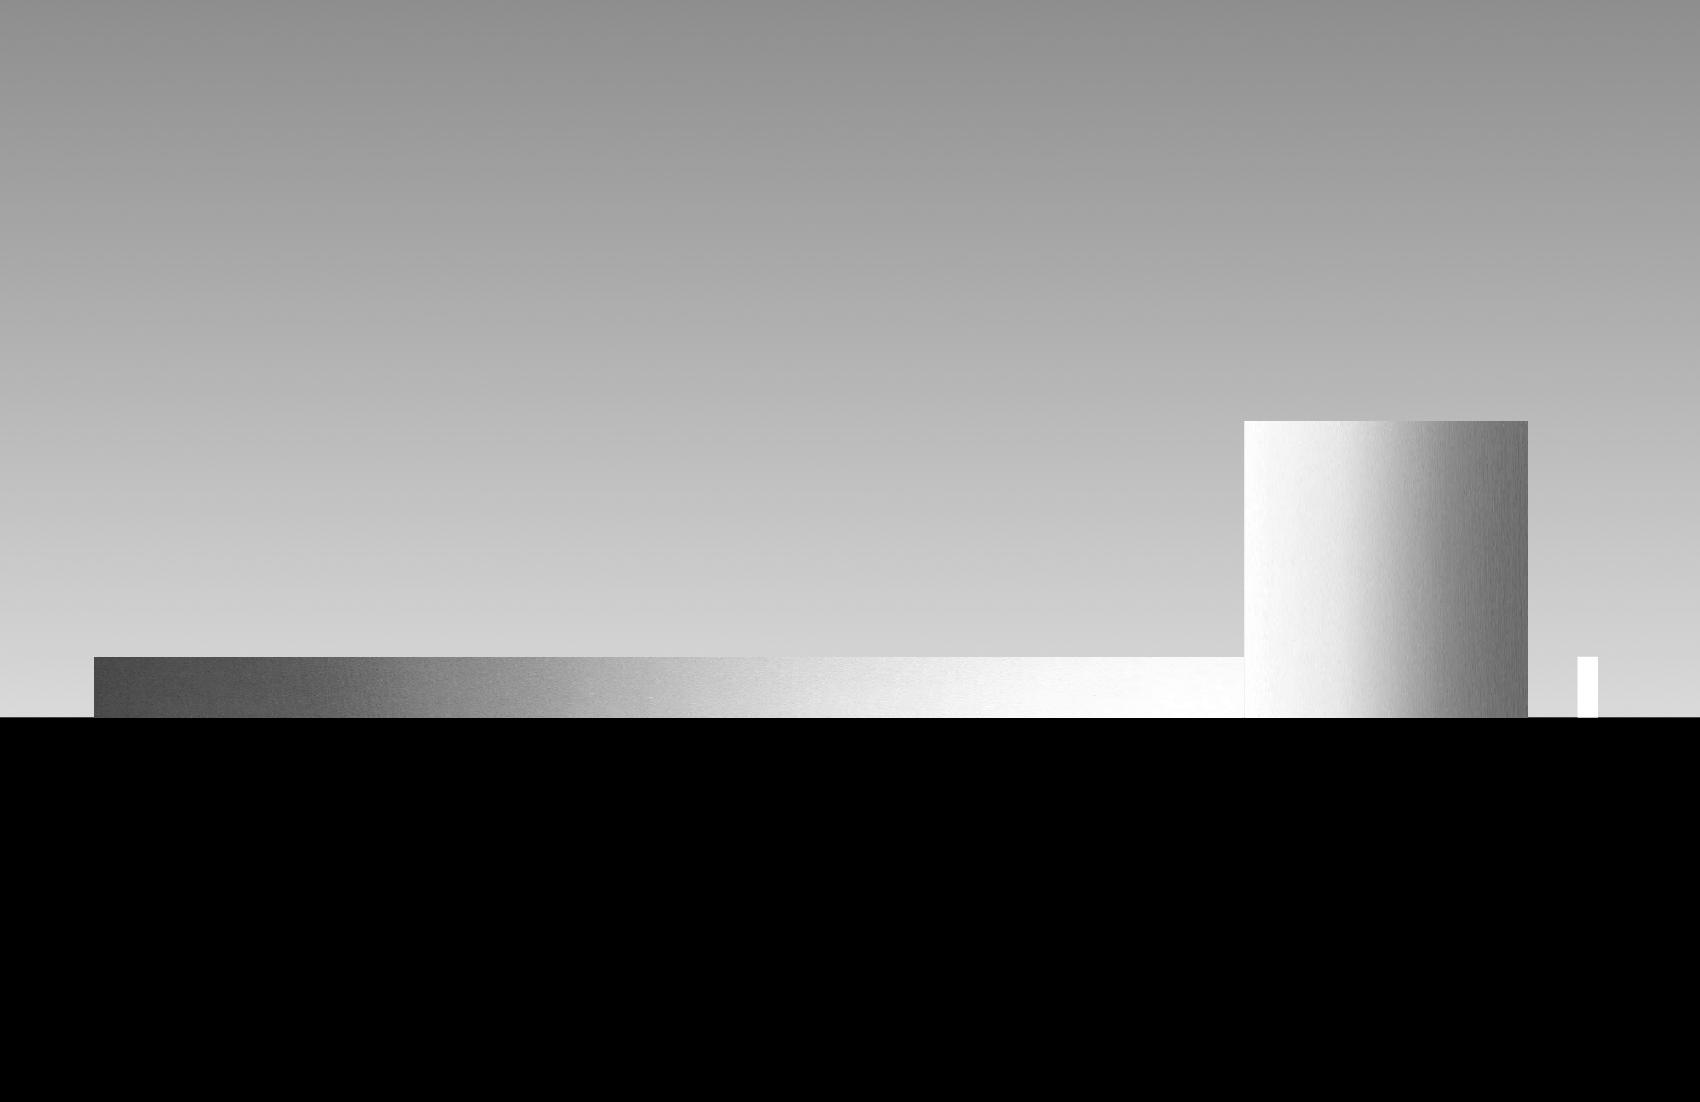 sugimoto-facade4.jpg